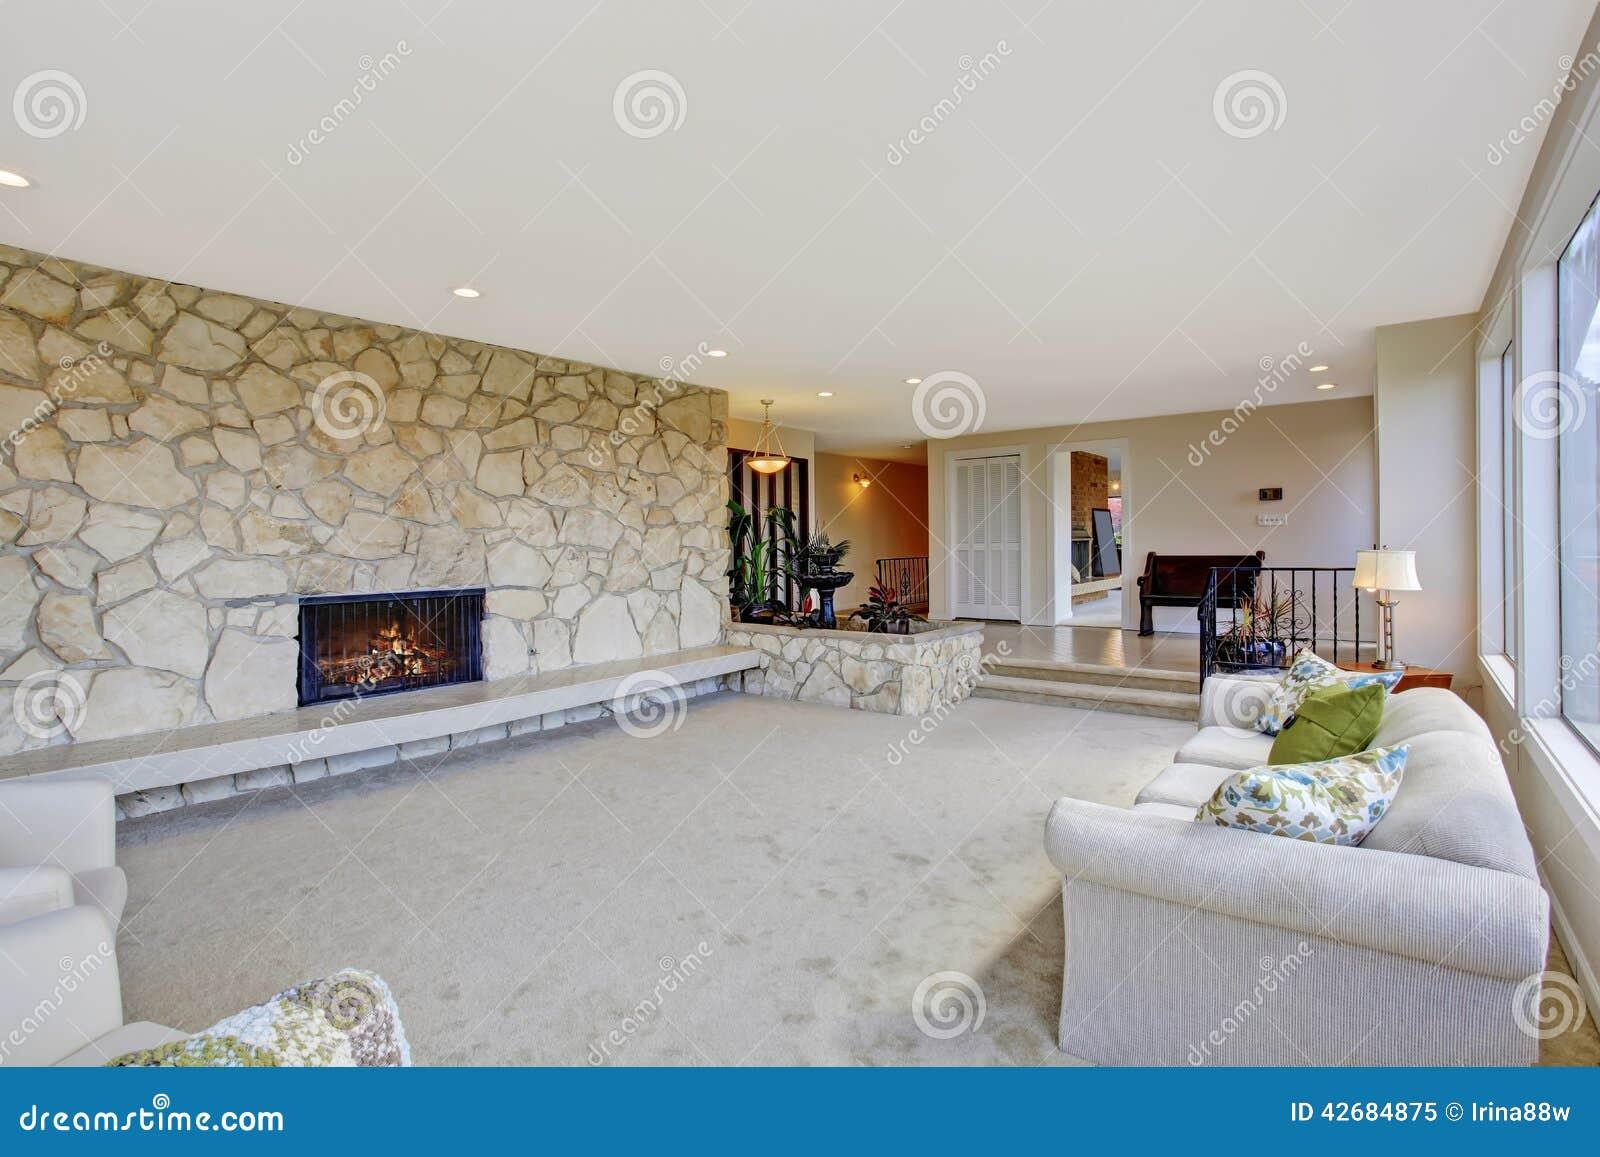 Wohnzimmer mit brunnen im luxushaus stockfoto bild 42684875 - Wohnzimmer brunnen ...